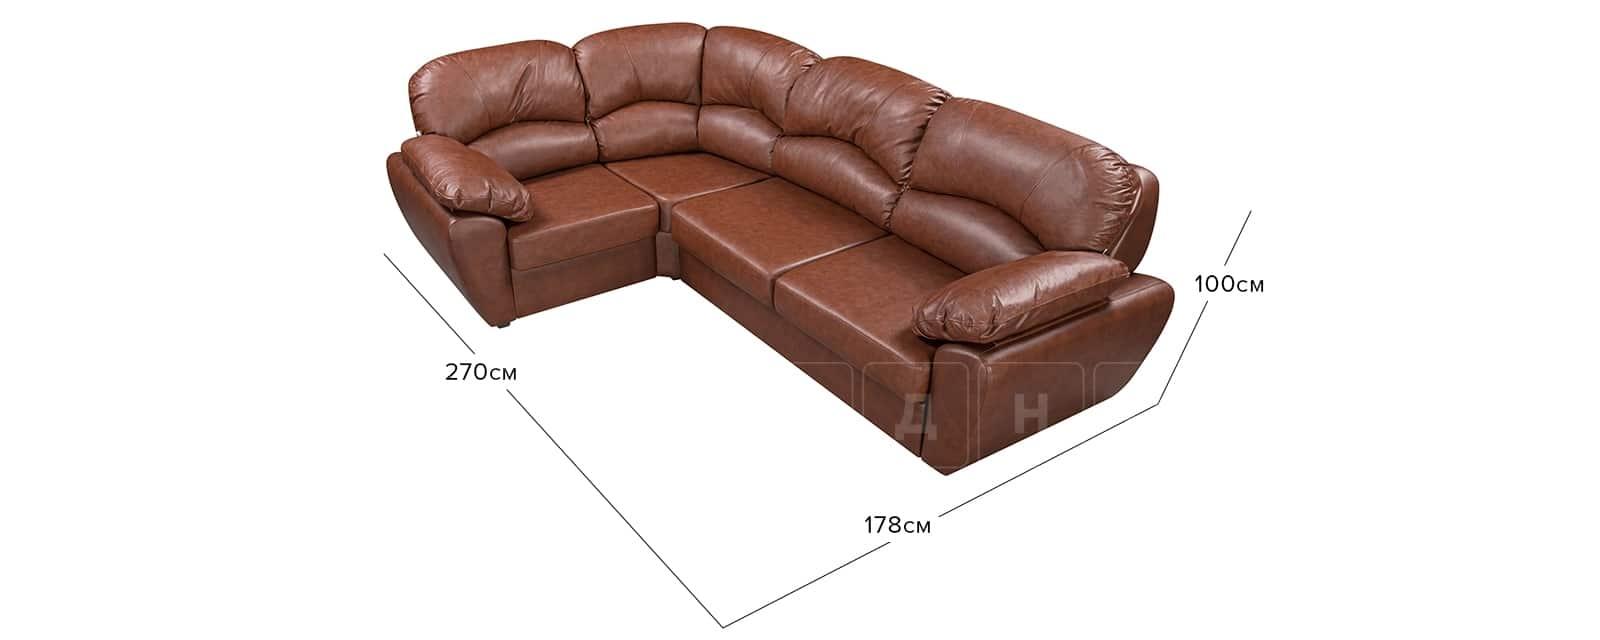 Угловой диван Эвита кожаный коричневый левый угол фото 11   интернет-магазин Складно